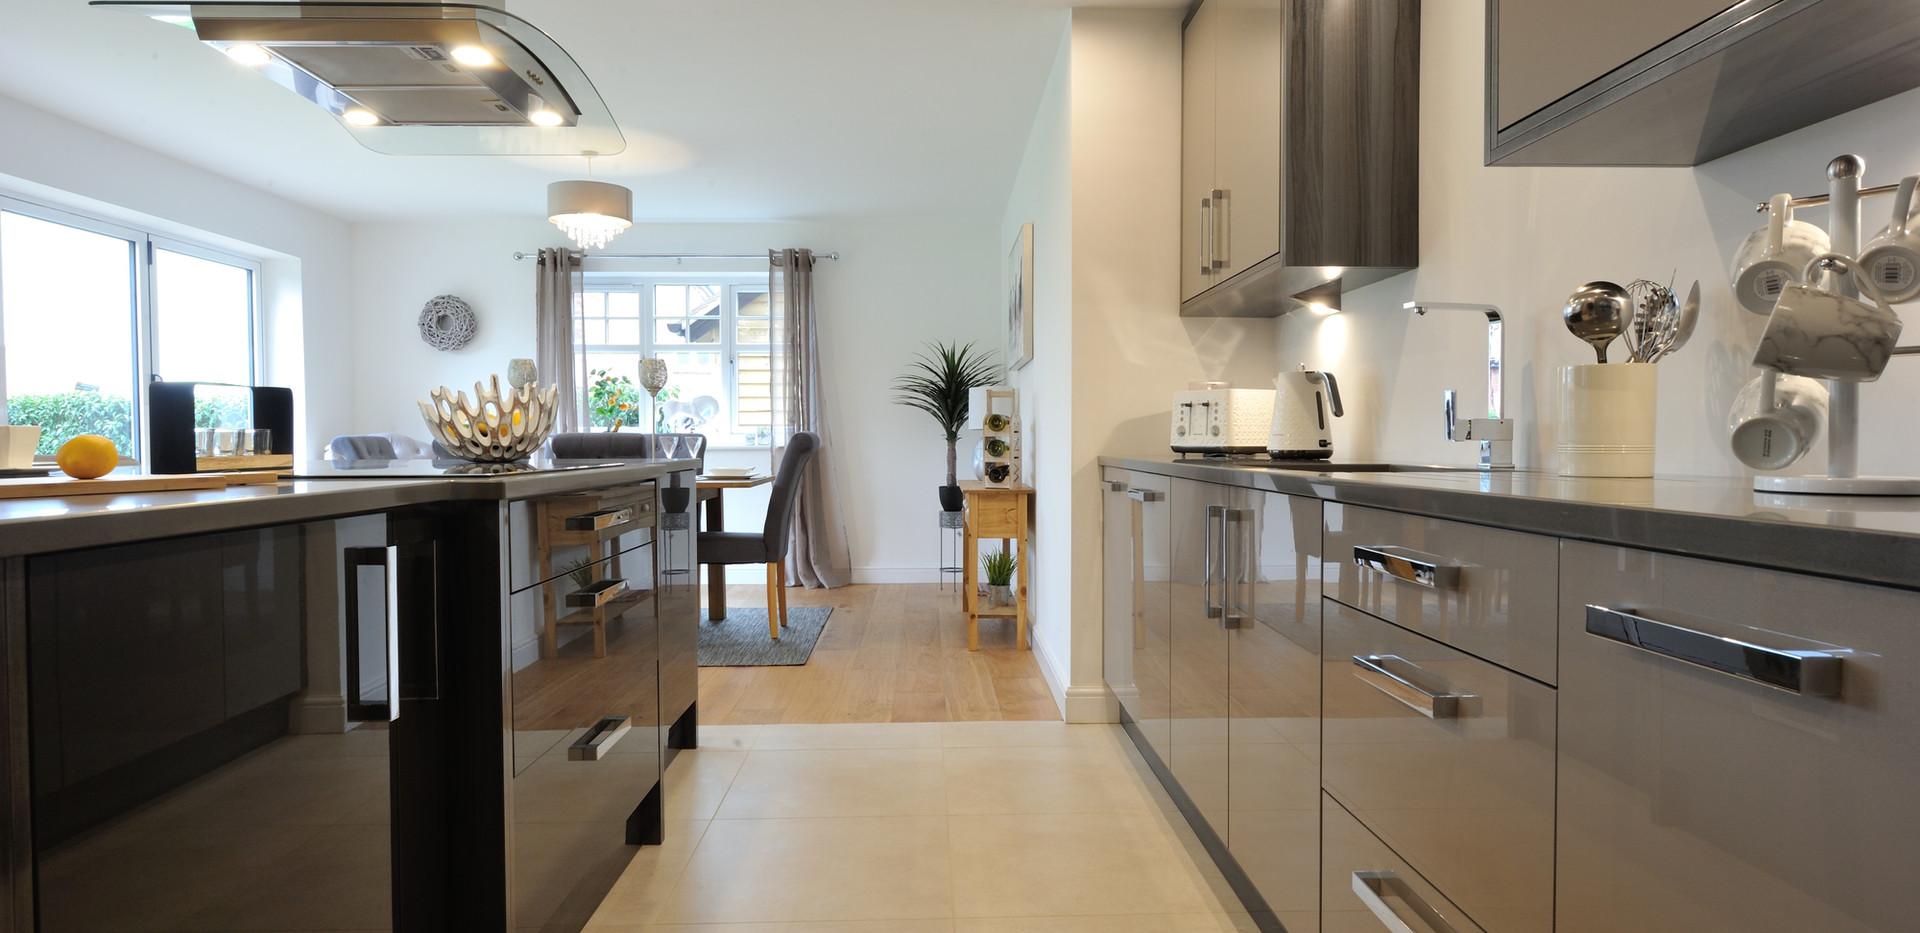 kitchen_4_4905.jpg